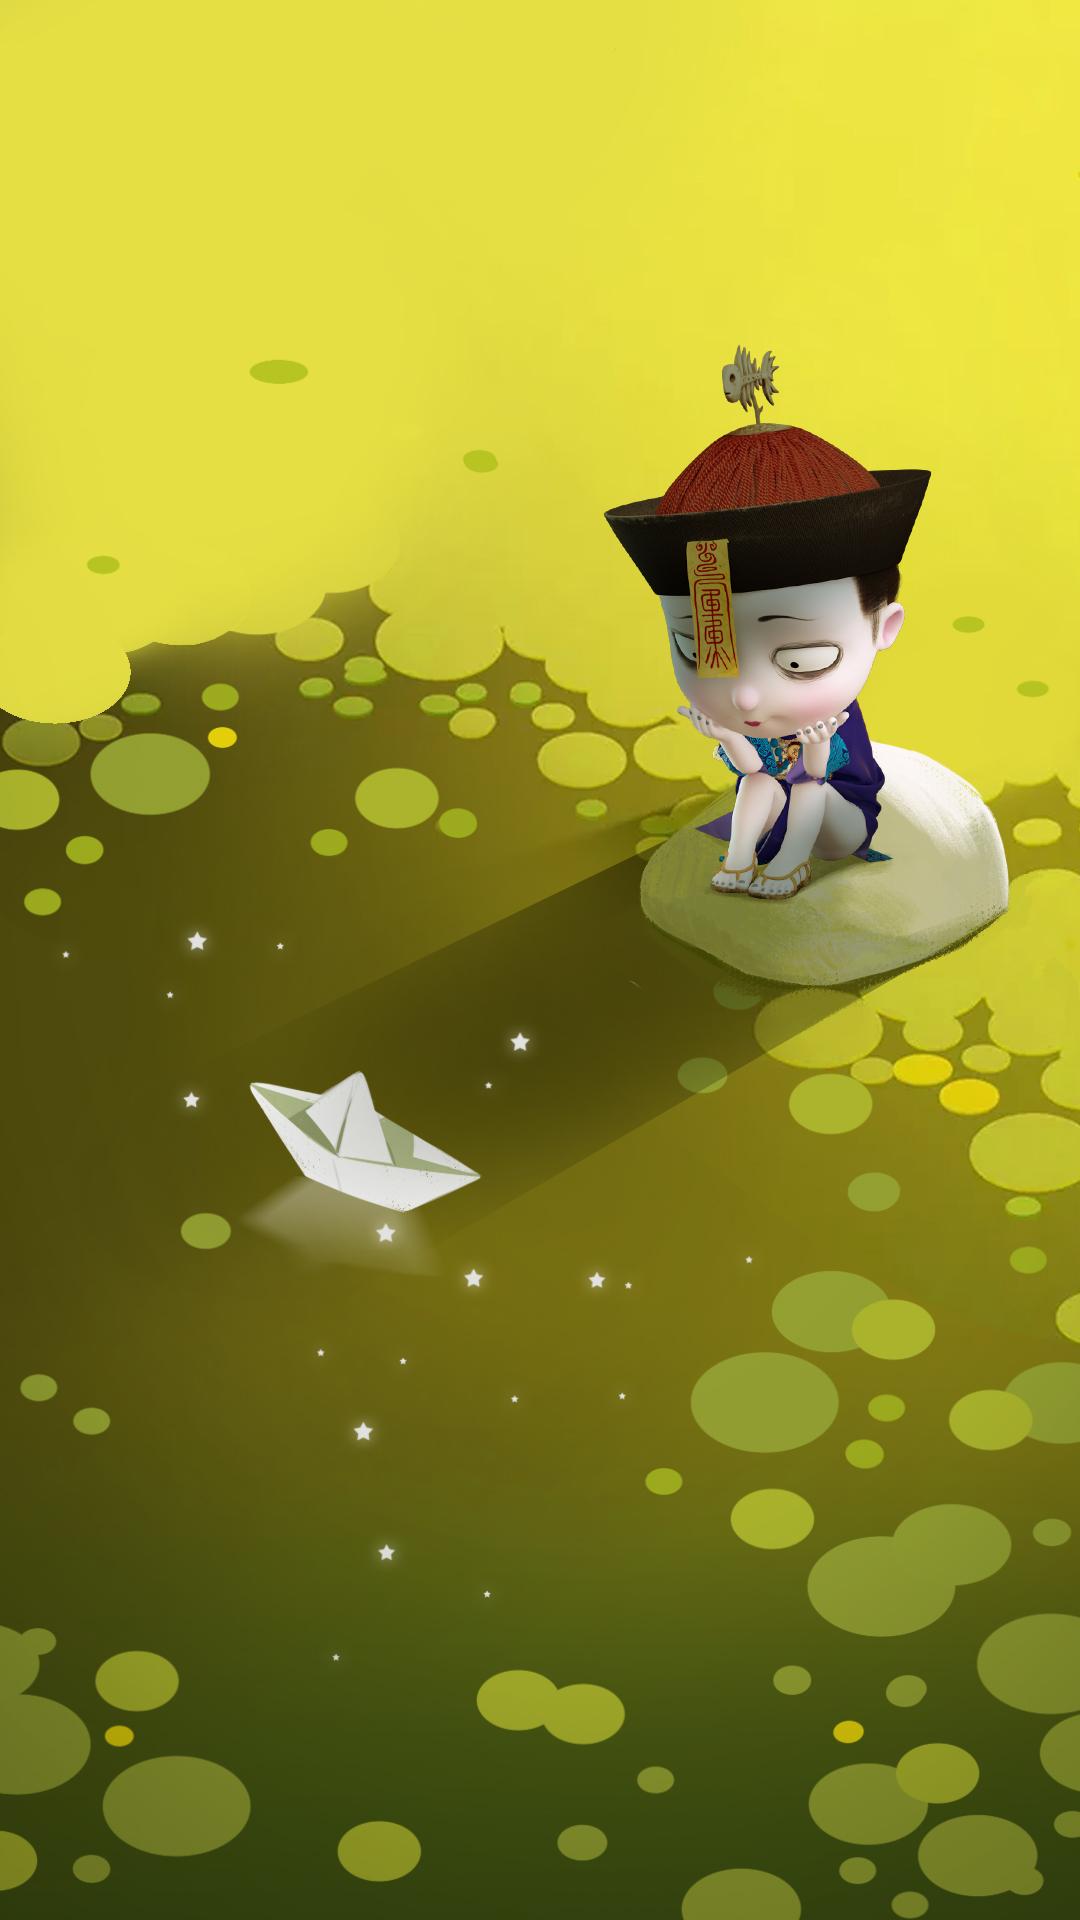 你每一句漫不经心的话,全在我心上开成漫山遍野的花|僵小鱼壁纸